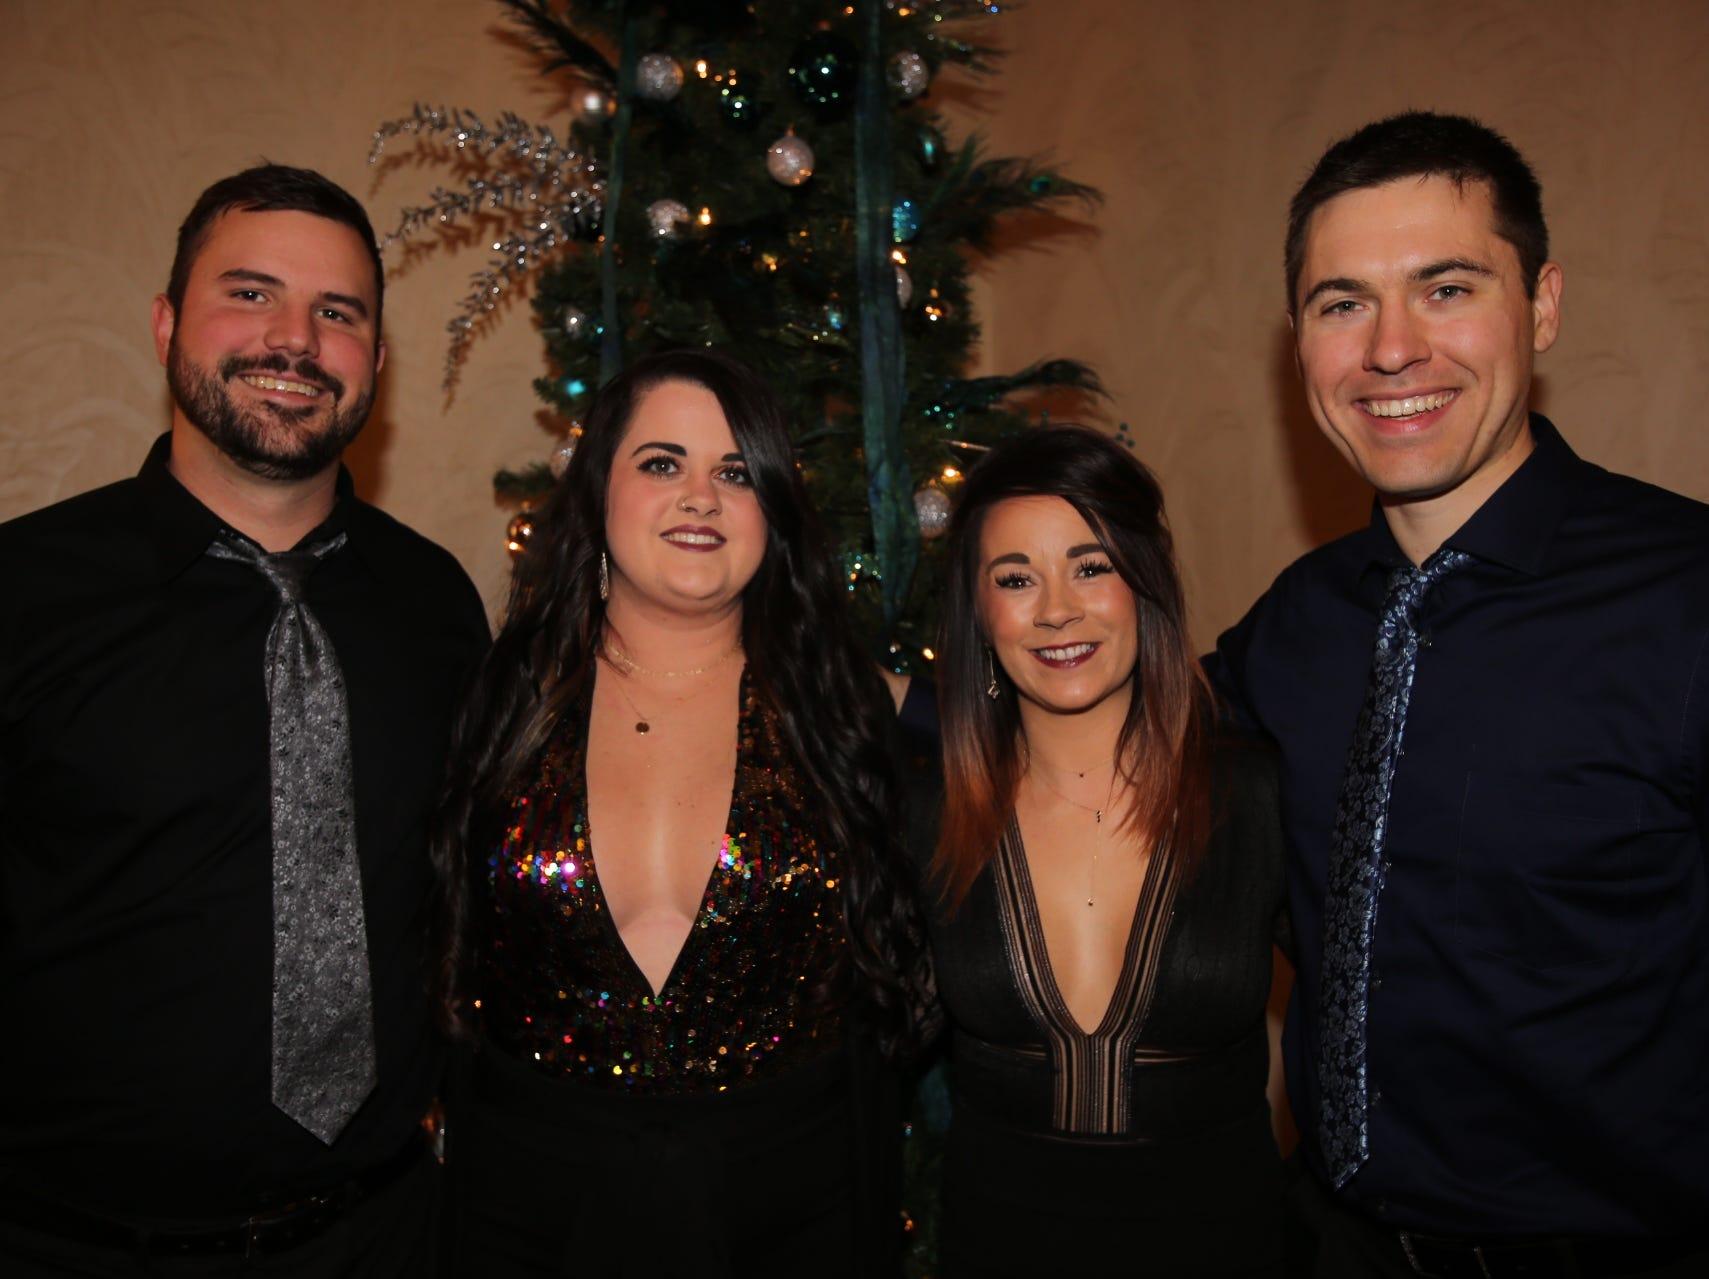 Derek and Reba Koehn, Jessica Ryun, and Justin Schmelzer